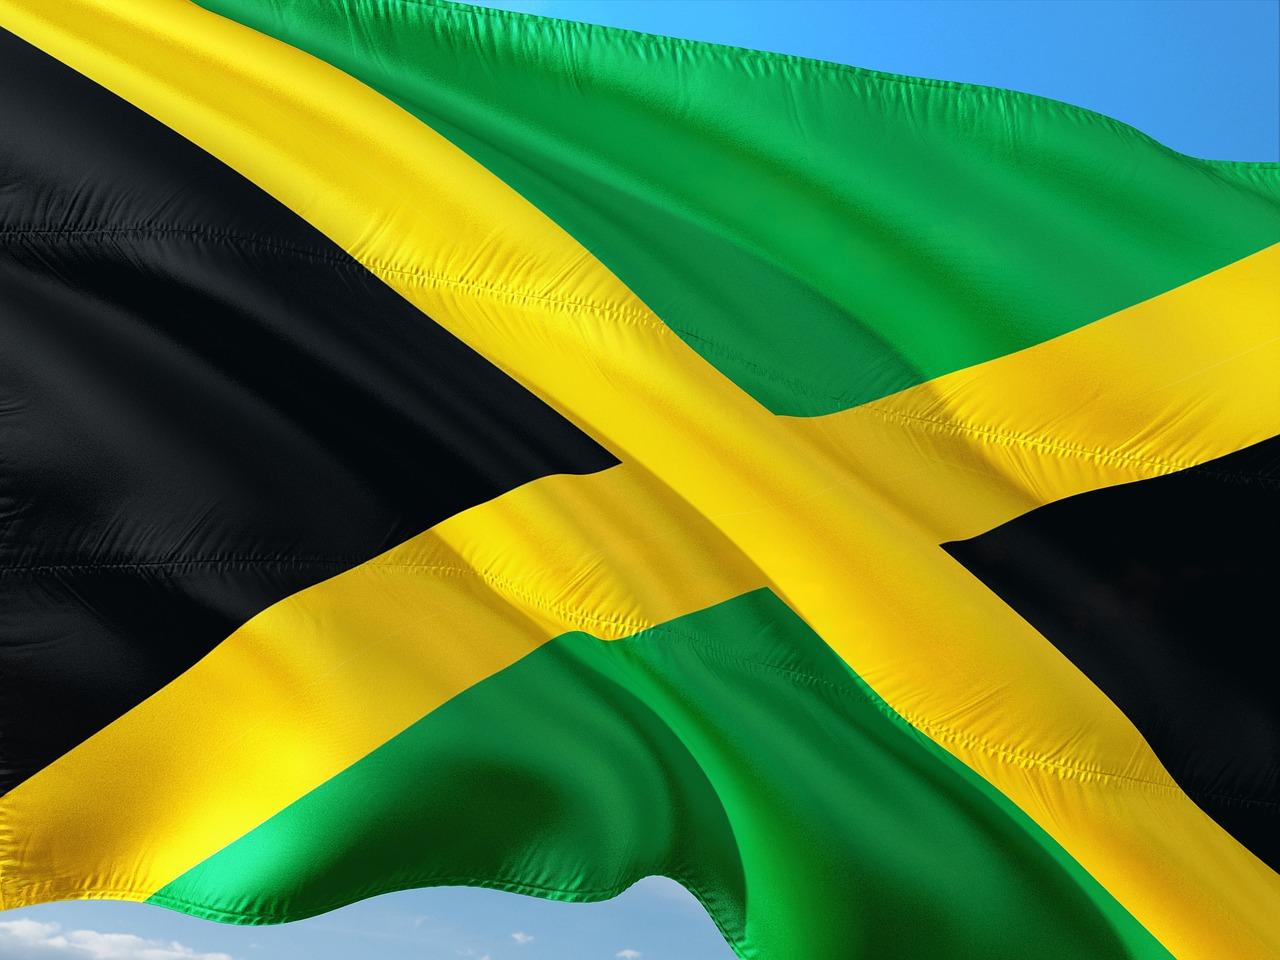 Bild: Flagge von Jamaika (schwarz-grün-gelb)